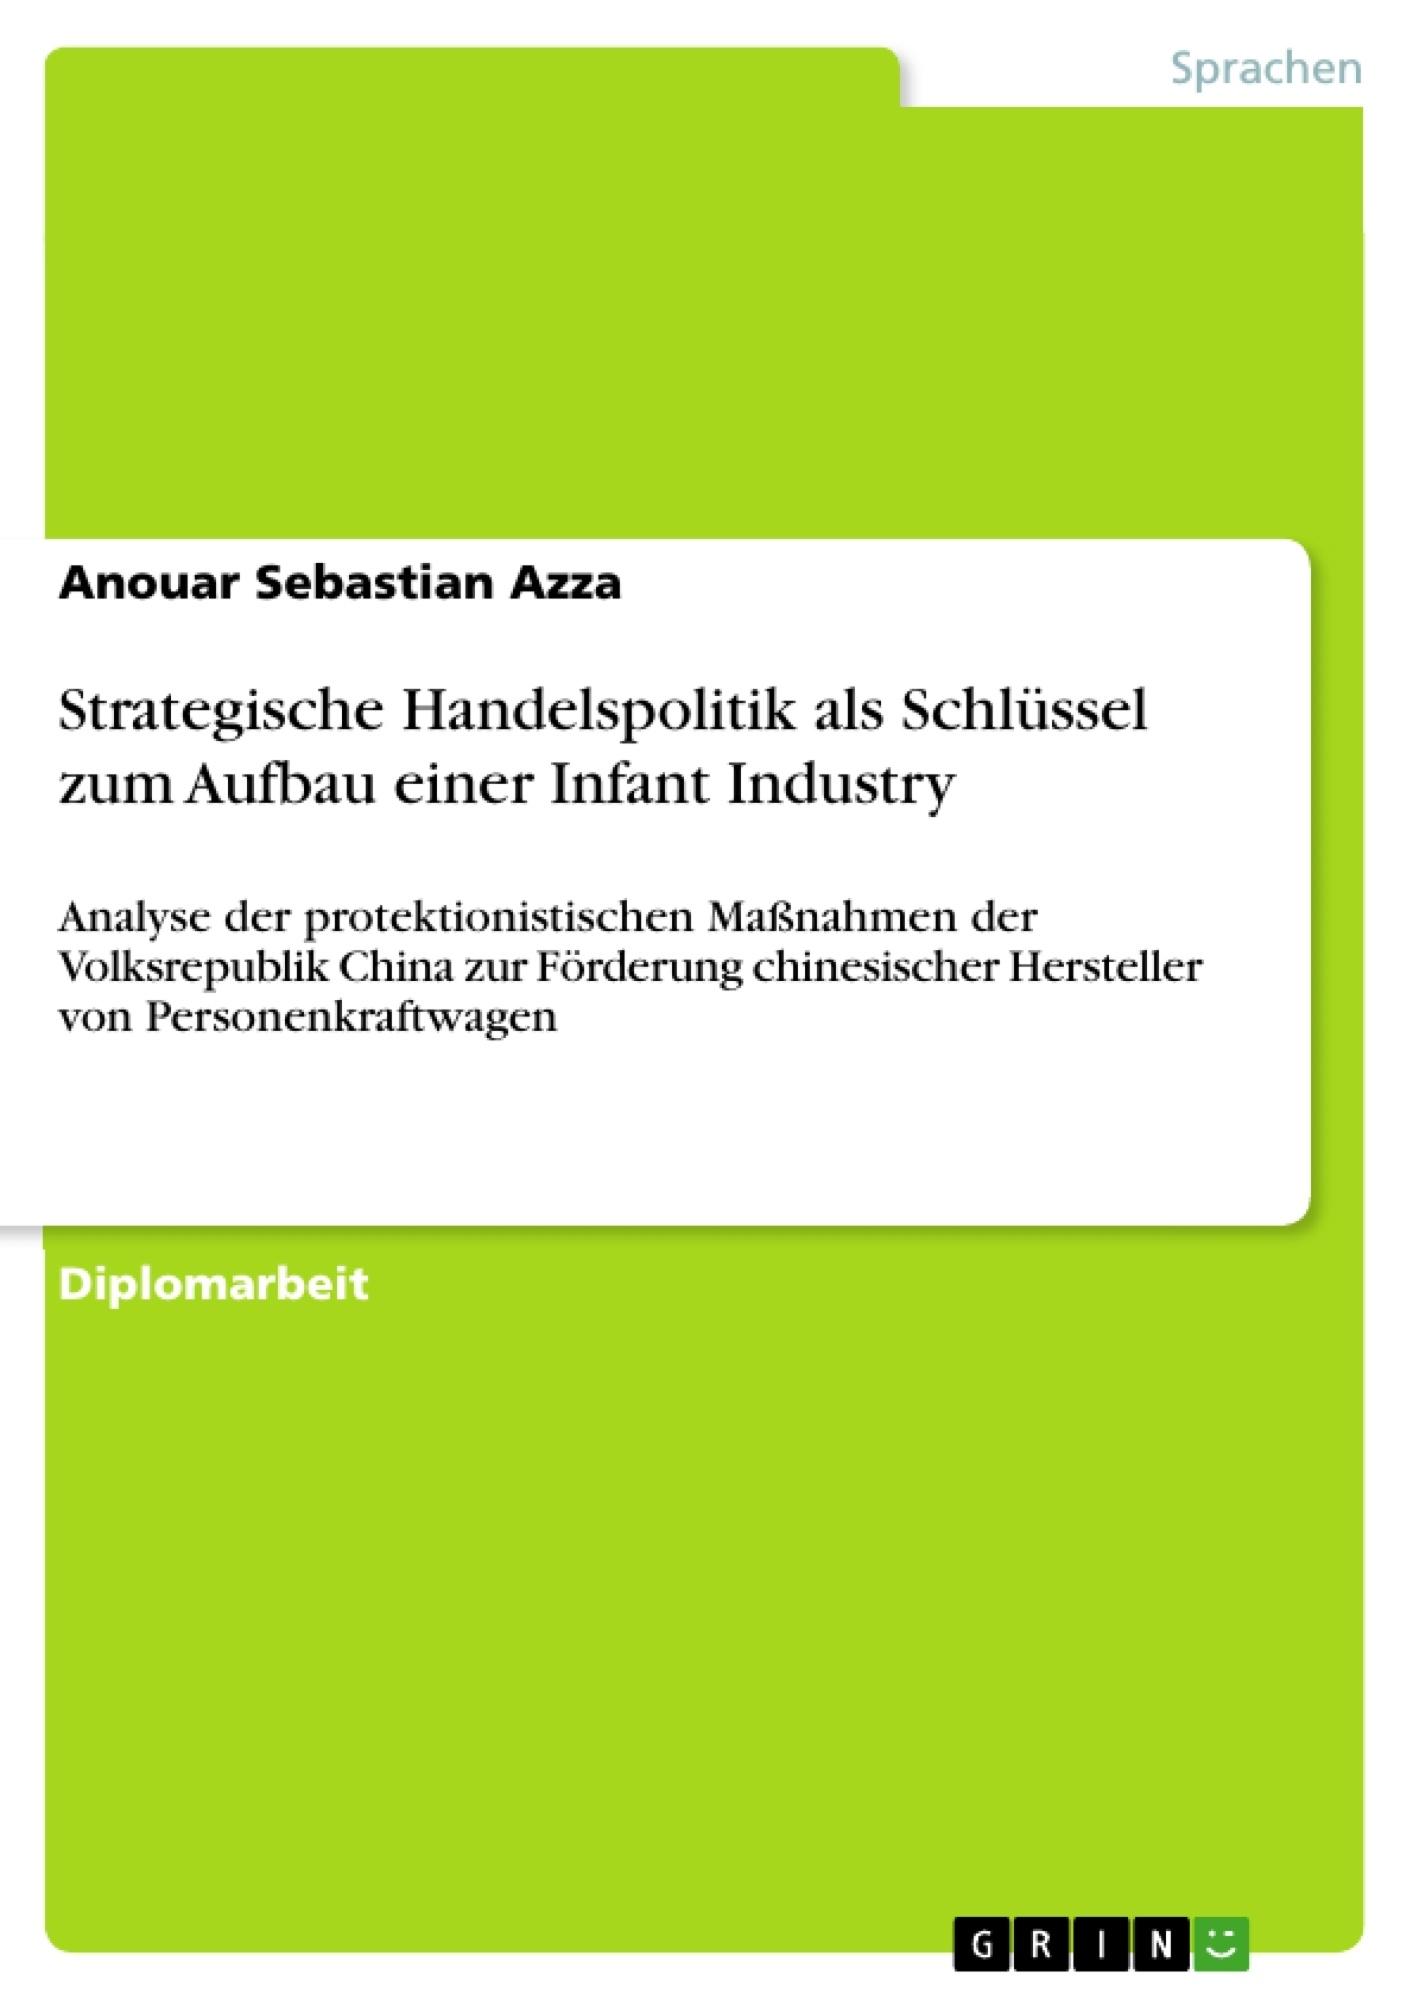 Titel: Strategische Handelspolitik als Schlüssel zum Aufbau einer Infant Industry